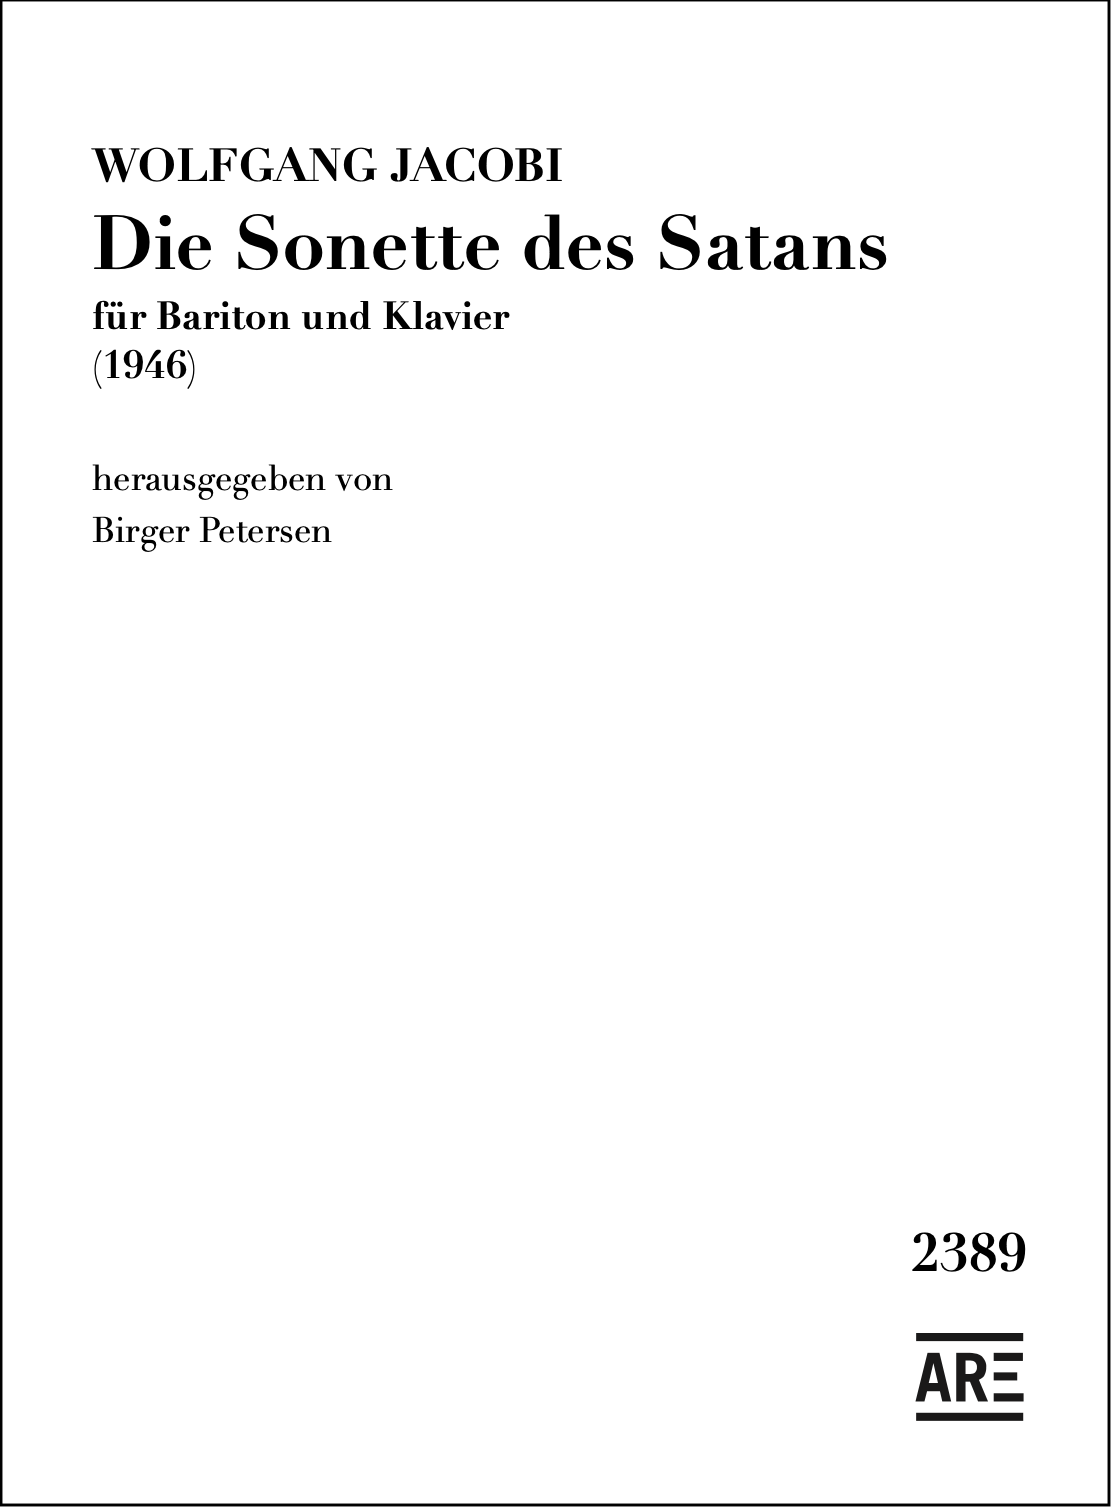 Jacobi, Wolfgang: Die Sonette des Satans für Bariton und Klavier (1946) herausgegeben von Birger Petersen